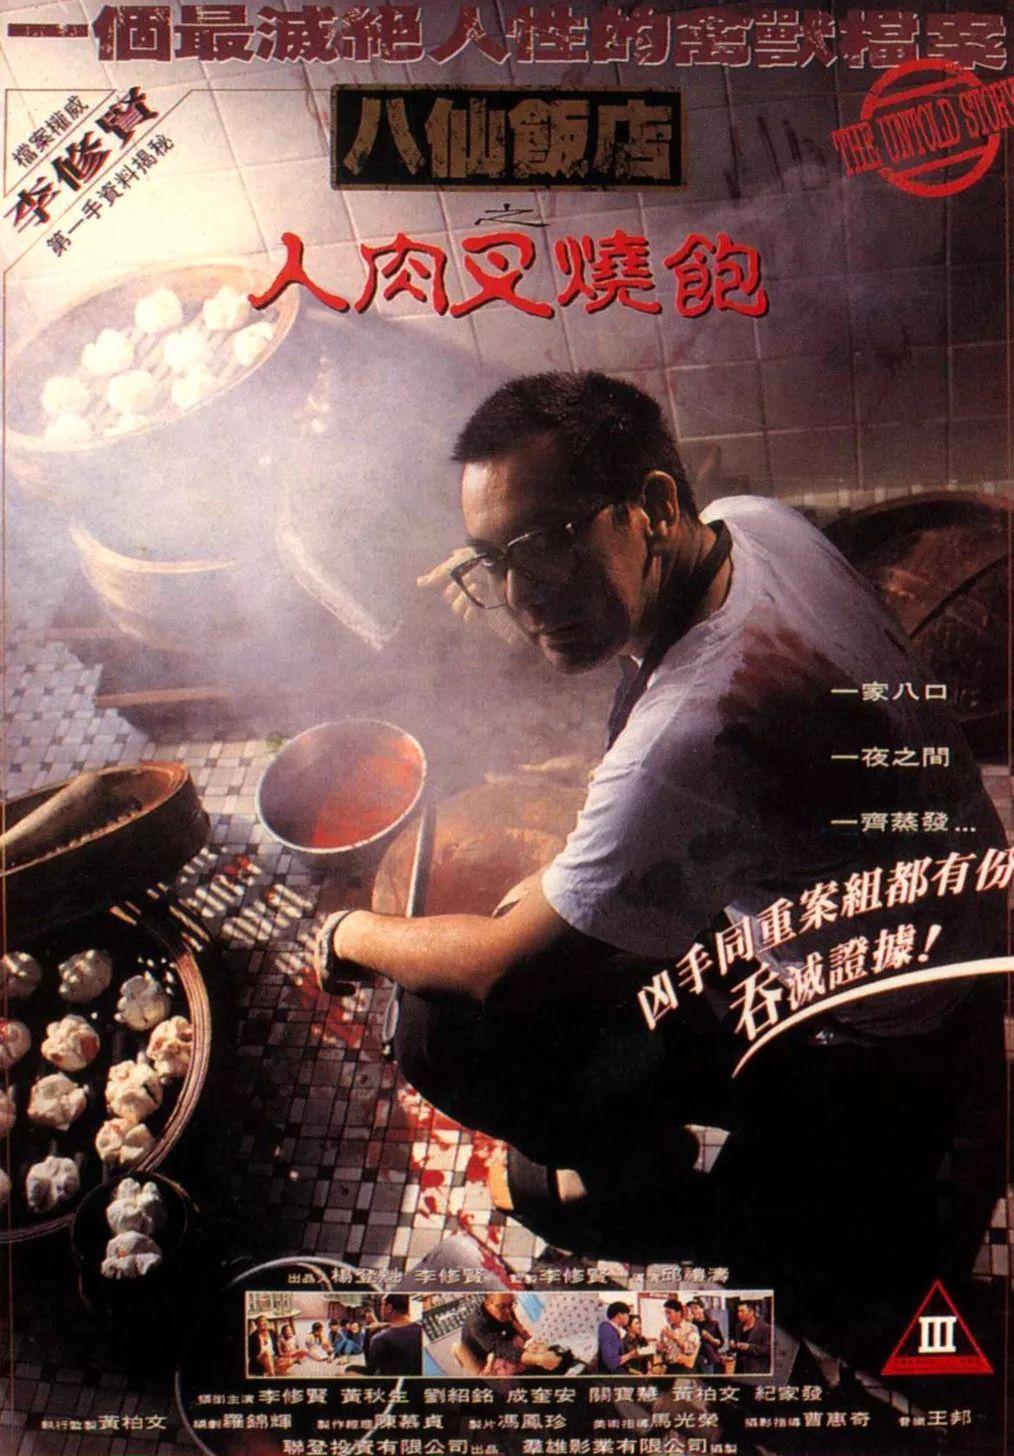 另一部经典香港电影《人肉叉烧包》-电影-高清完整正版... -优酷